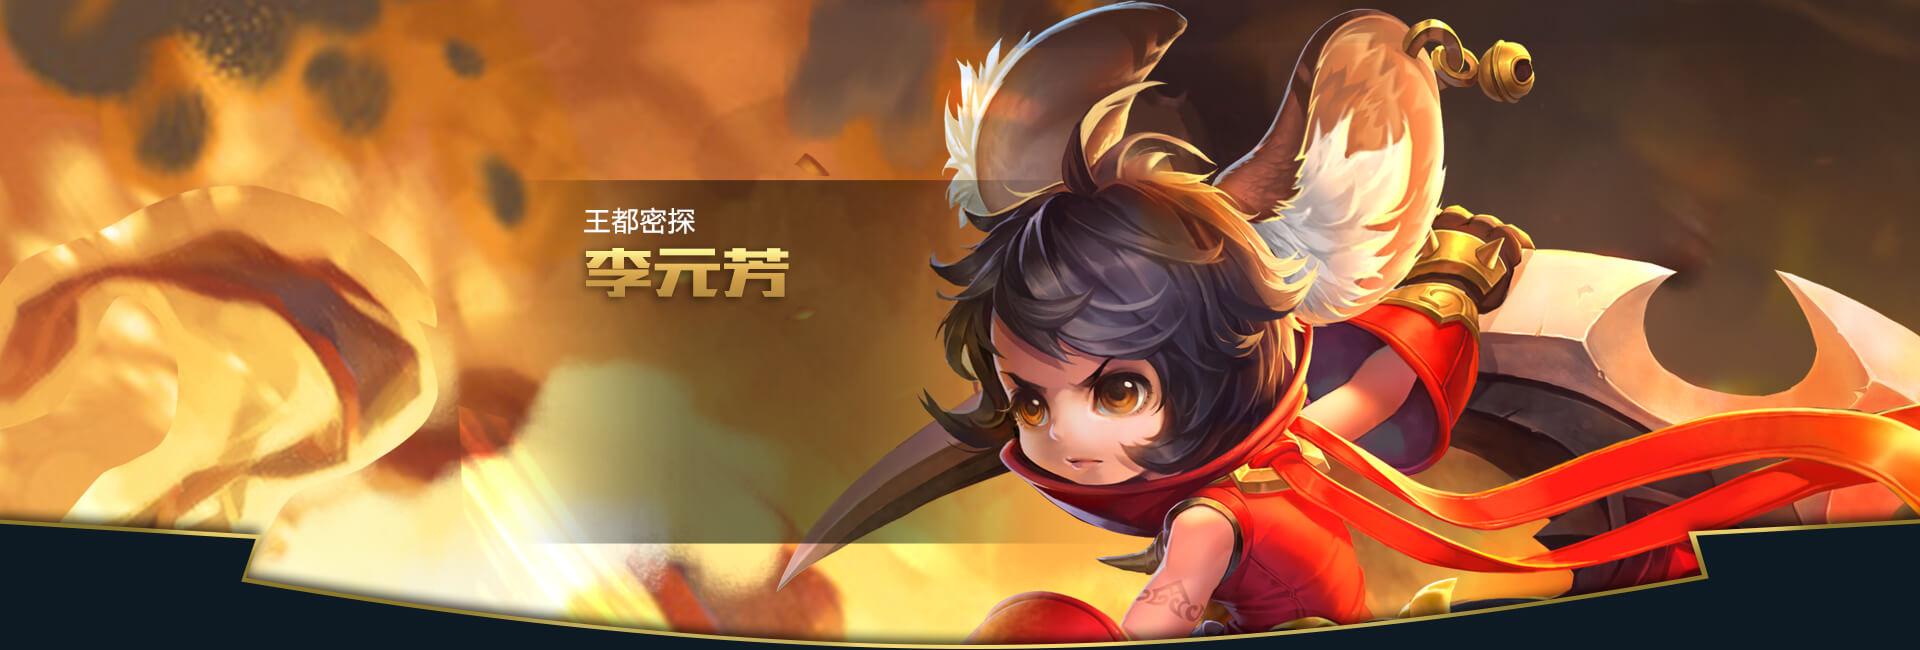 第2弹《王者荣耀英雄皮肤CG》竞技游戏99